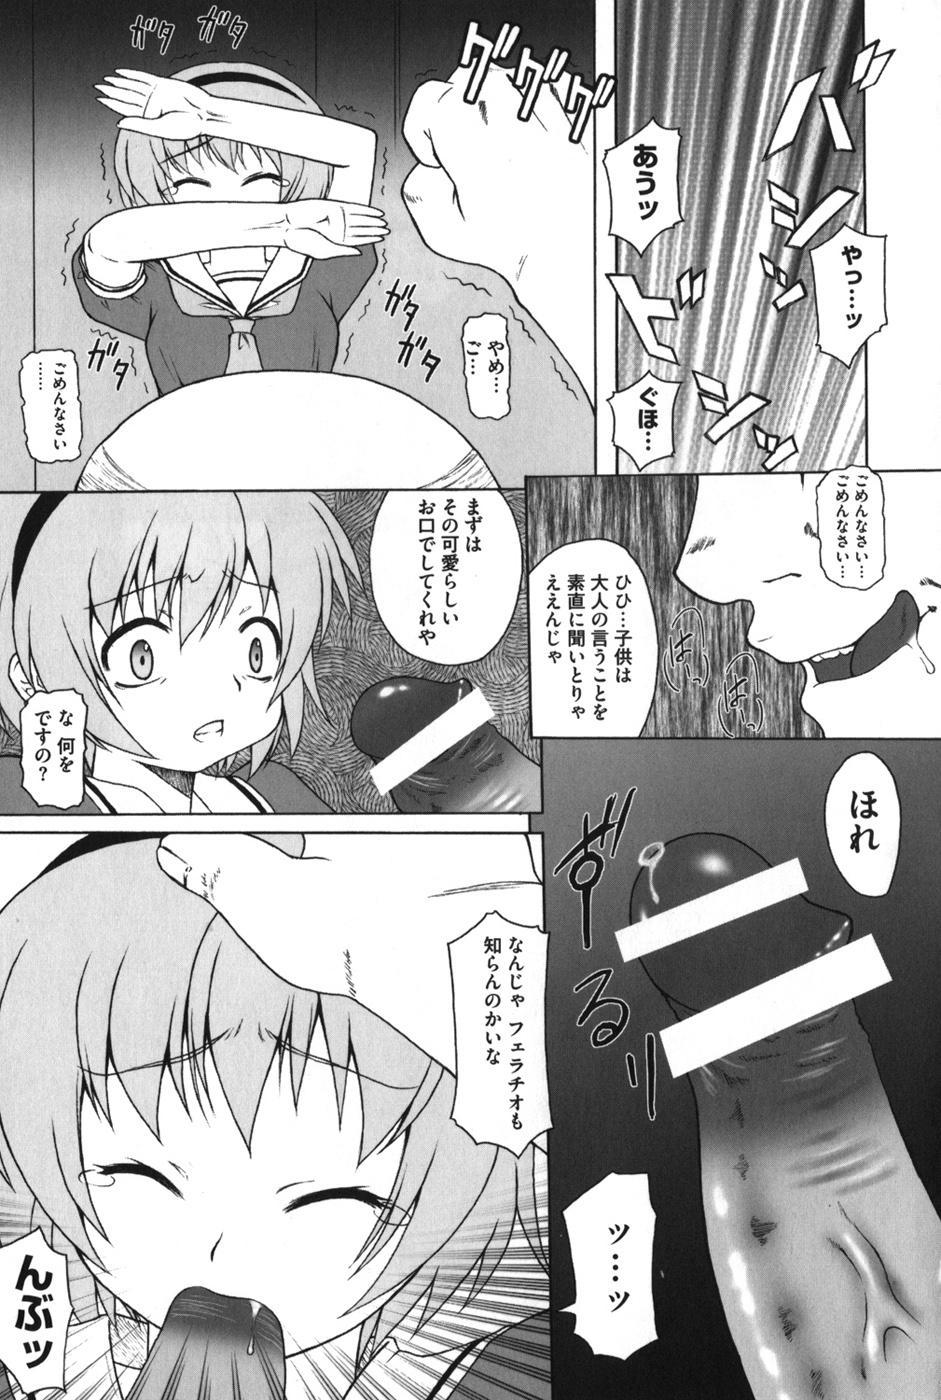 HiguERO no naku koro ni 15